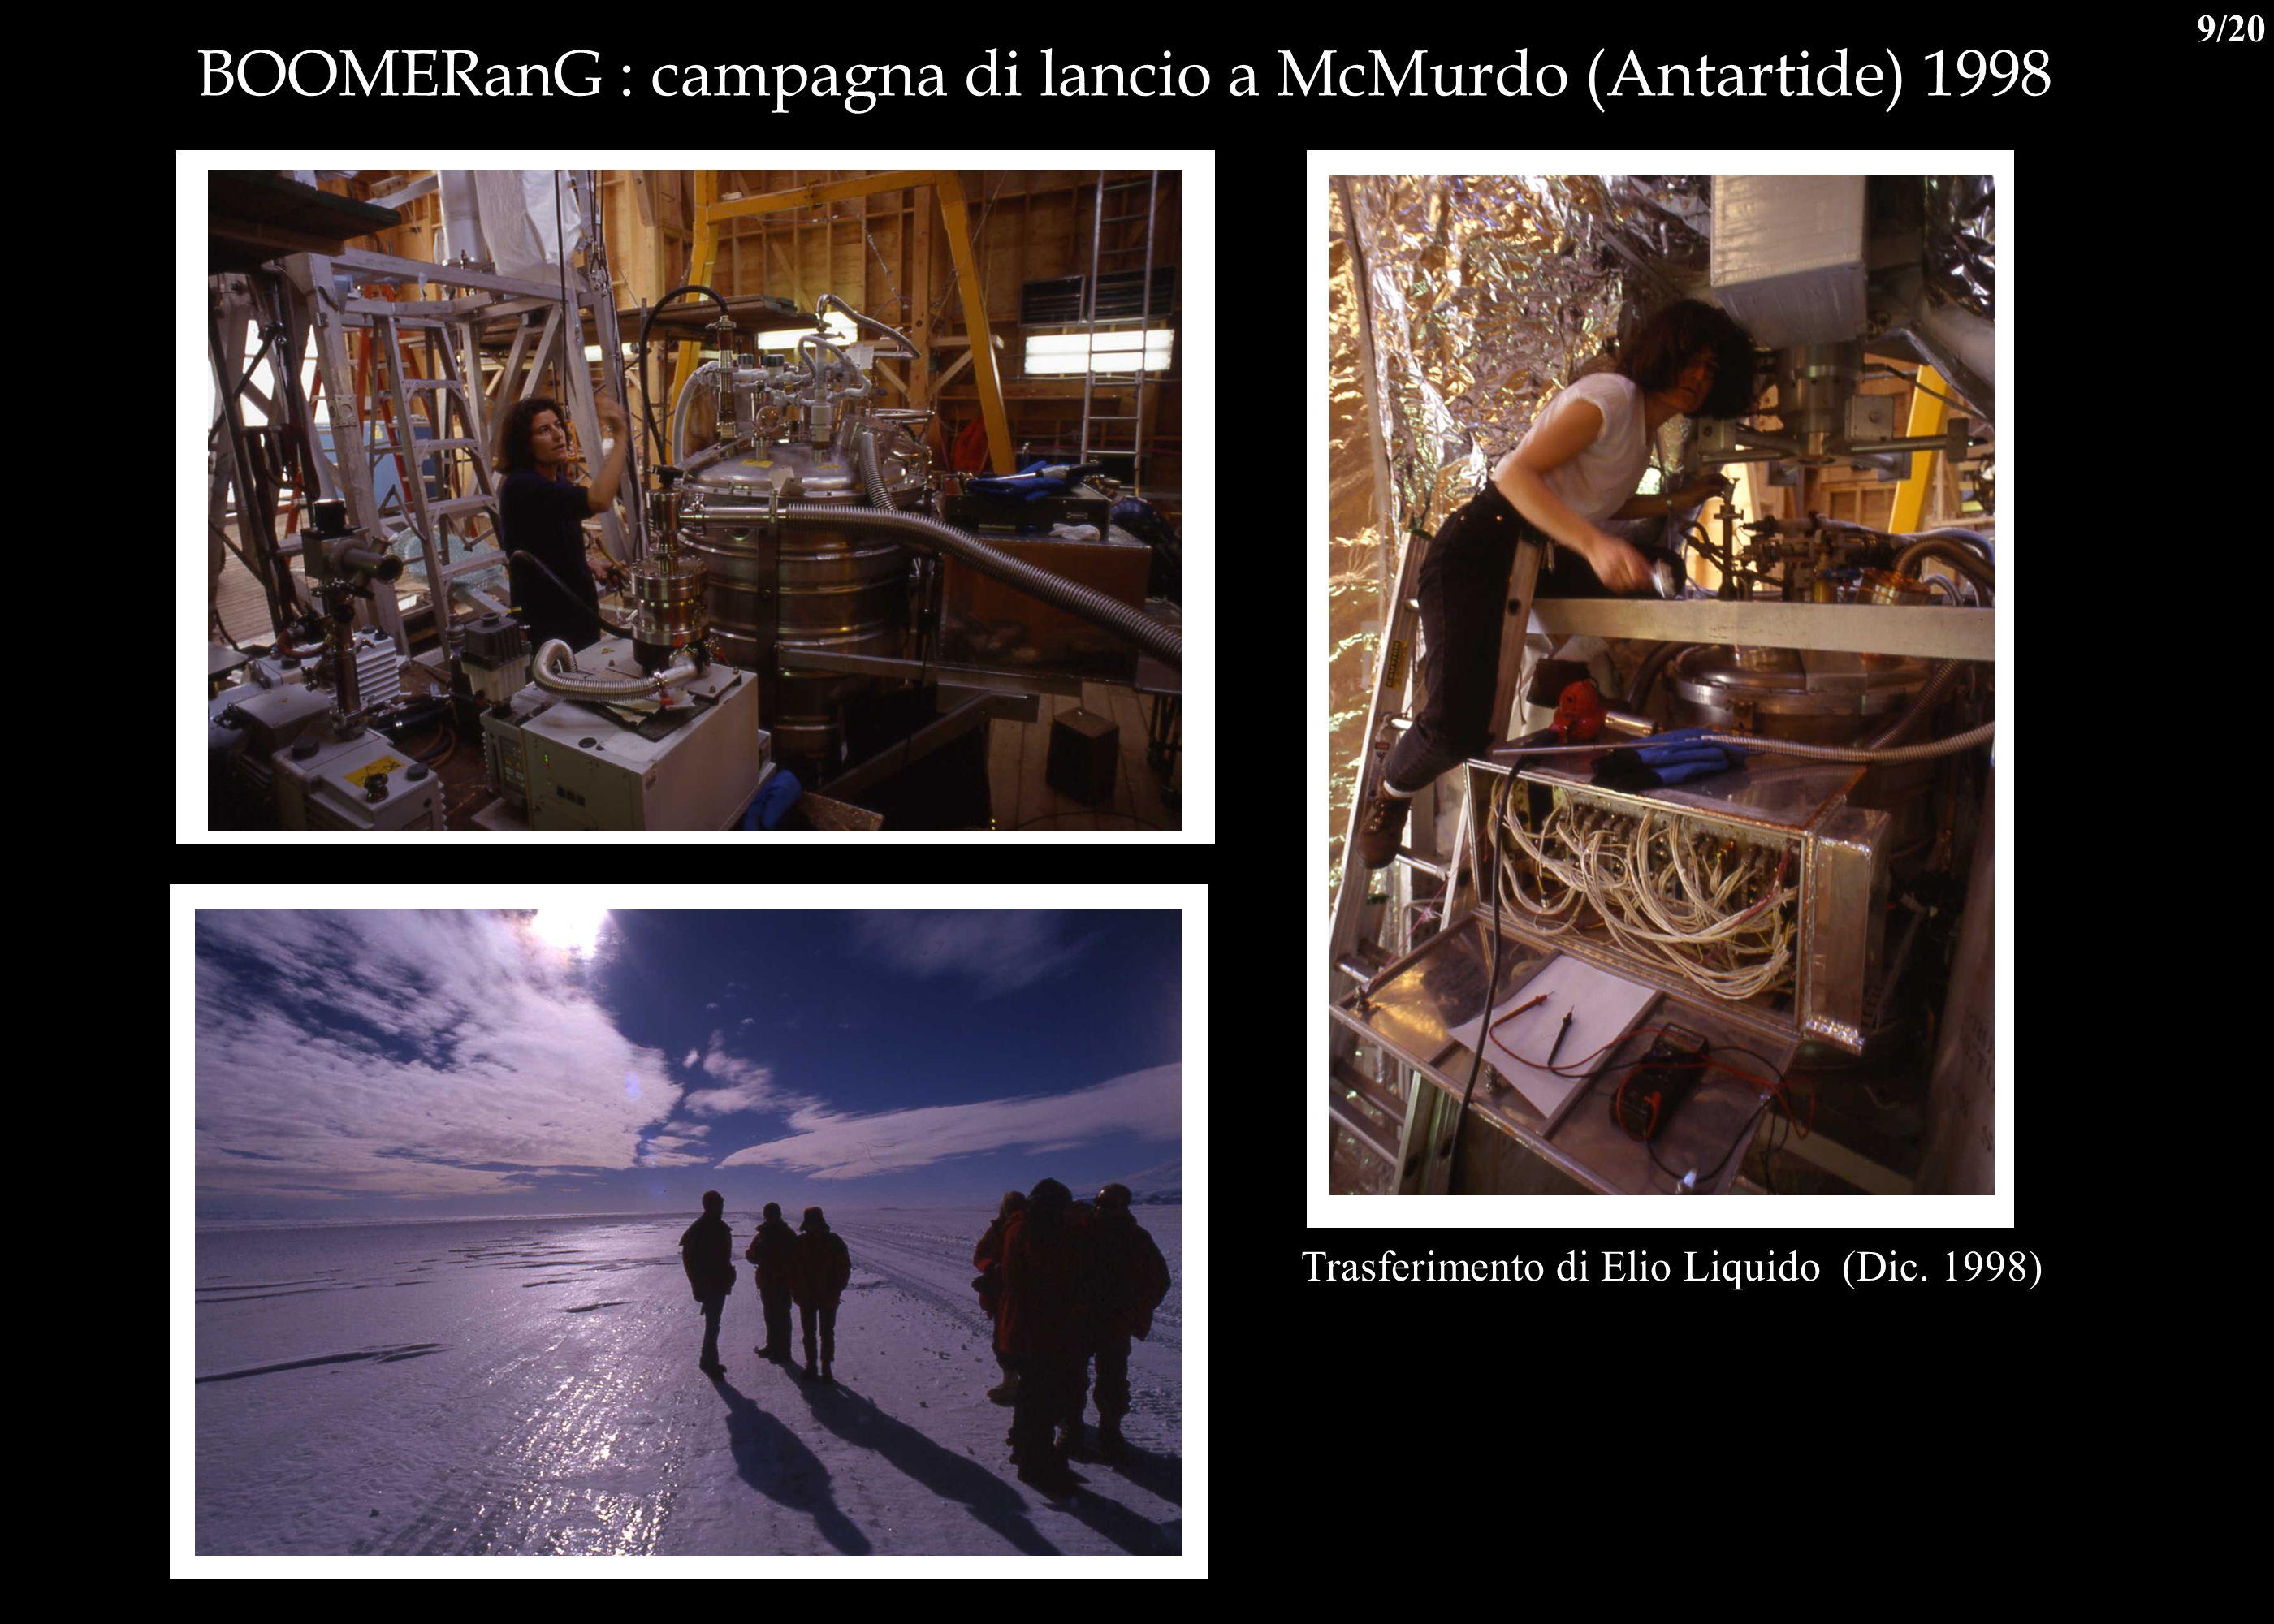 BOOMERanG : campagna di lancio a McMurdo (Antartide) 1998 Trasferimento di Elio Liquido (Dic. 1998) 9/20